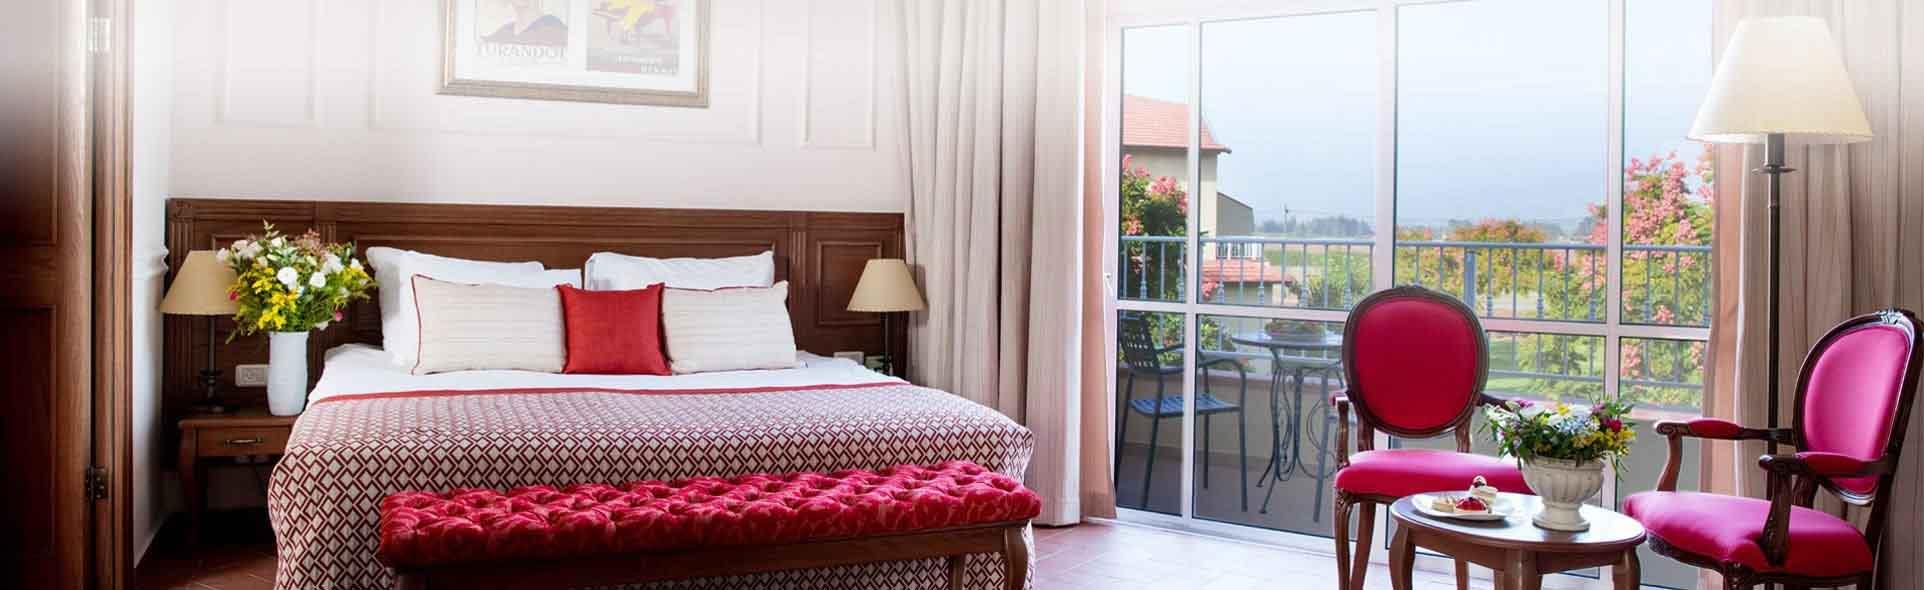 מלון פסטורל כפר בלום - חדר עם נוף לגליל